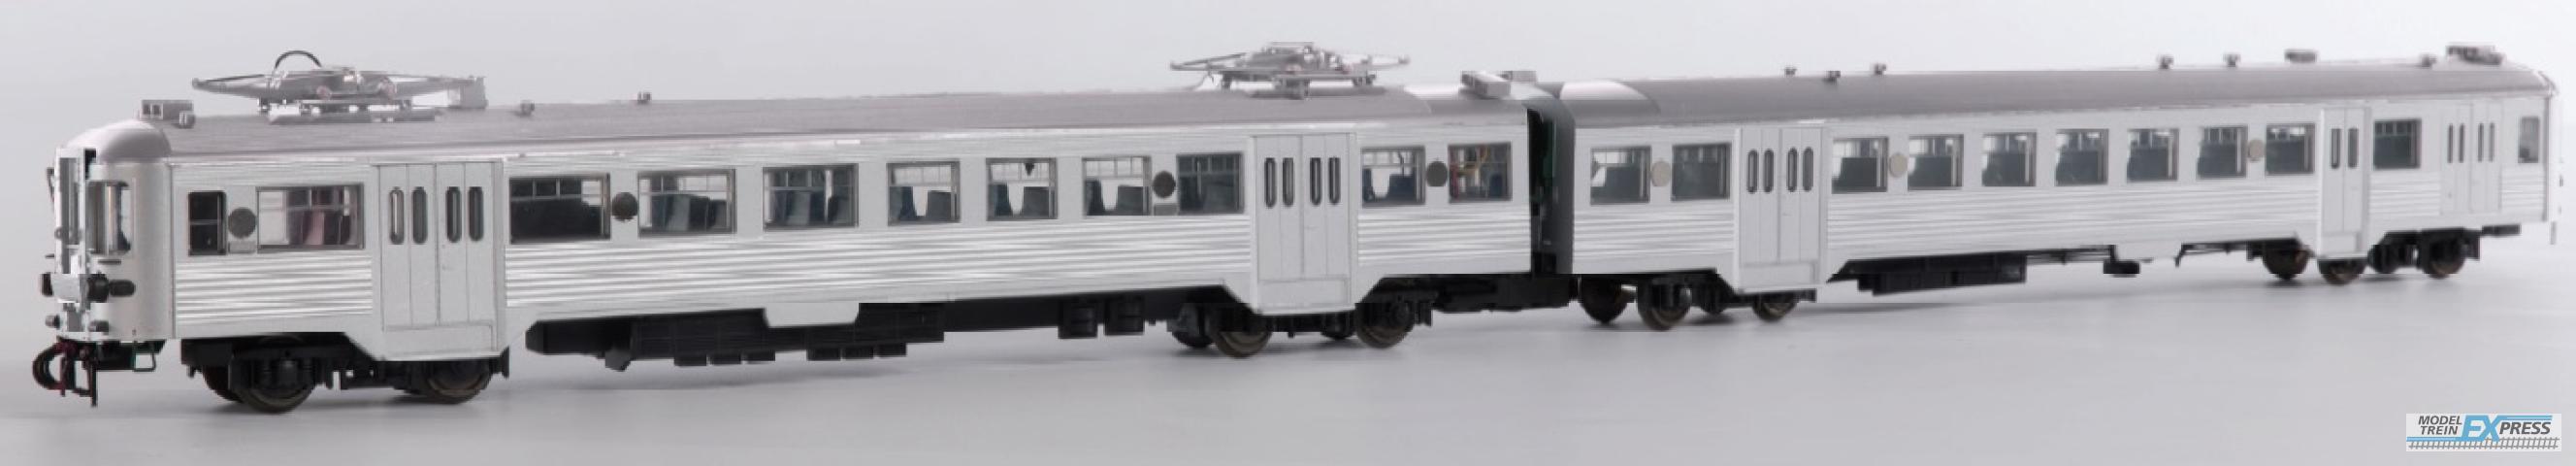 B-Models 7101.01